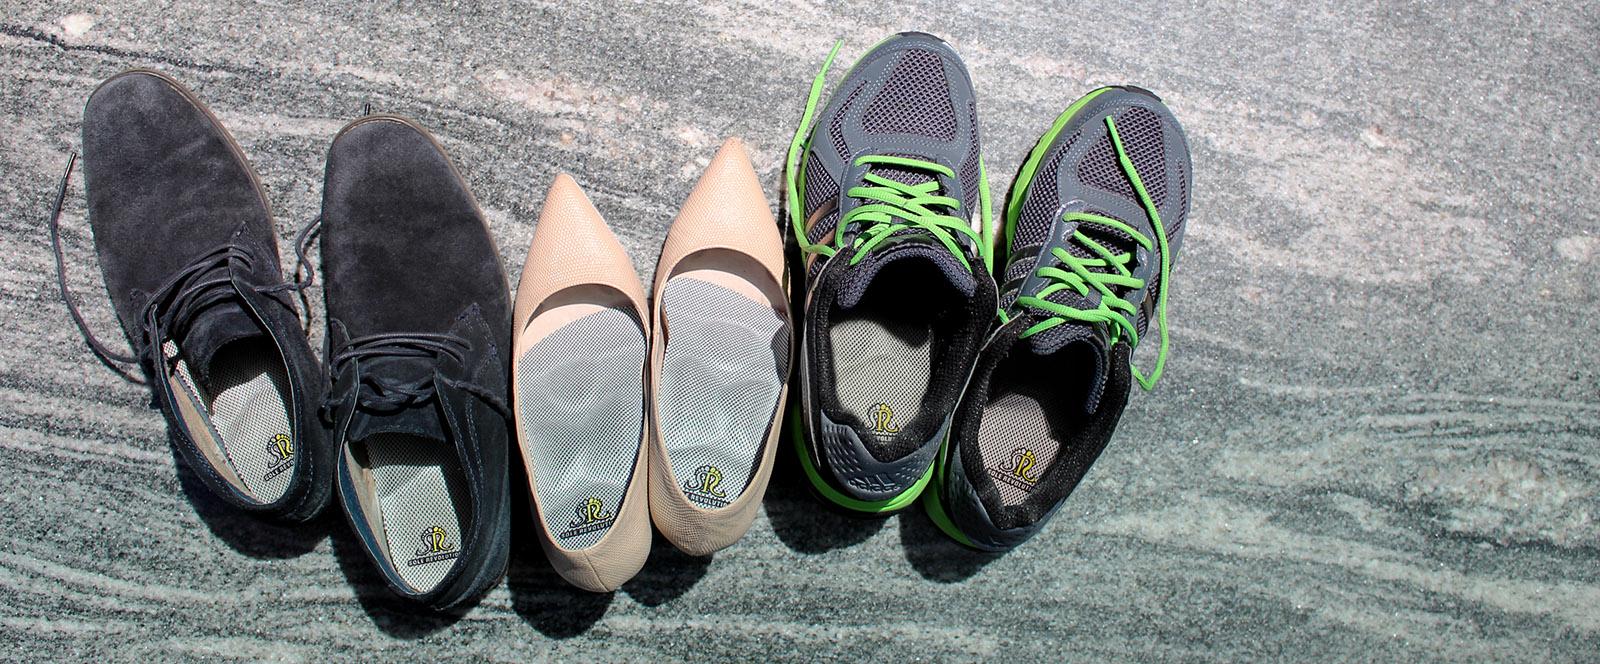 versatile-shoes-web